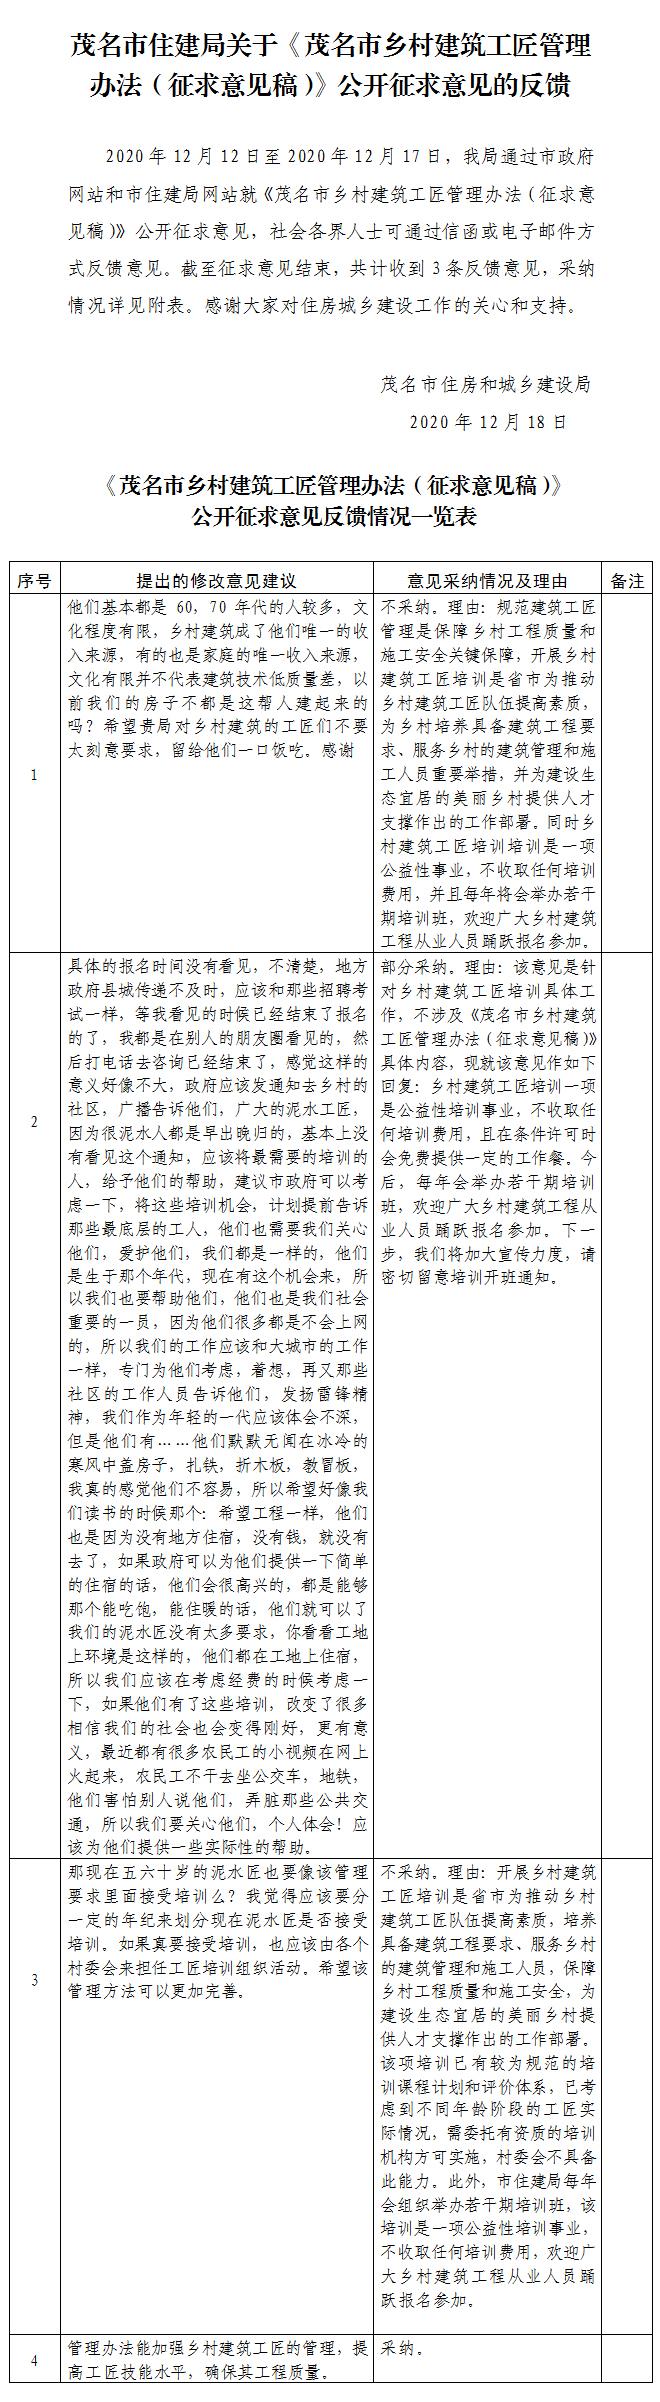 茂名市住建局关于《茂名市乡村建筑工匠管理办法(征求意见稿)》公开征求意见的反馈.jpg